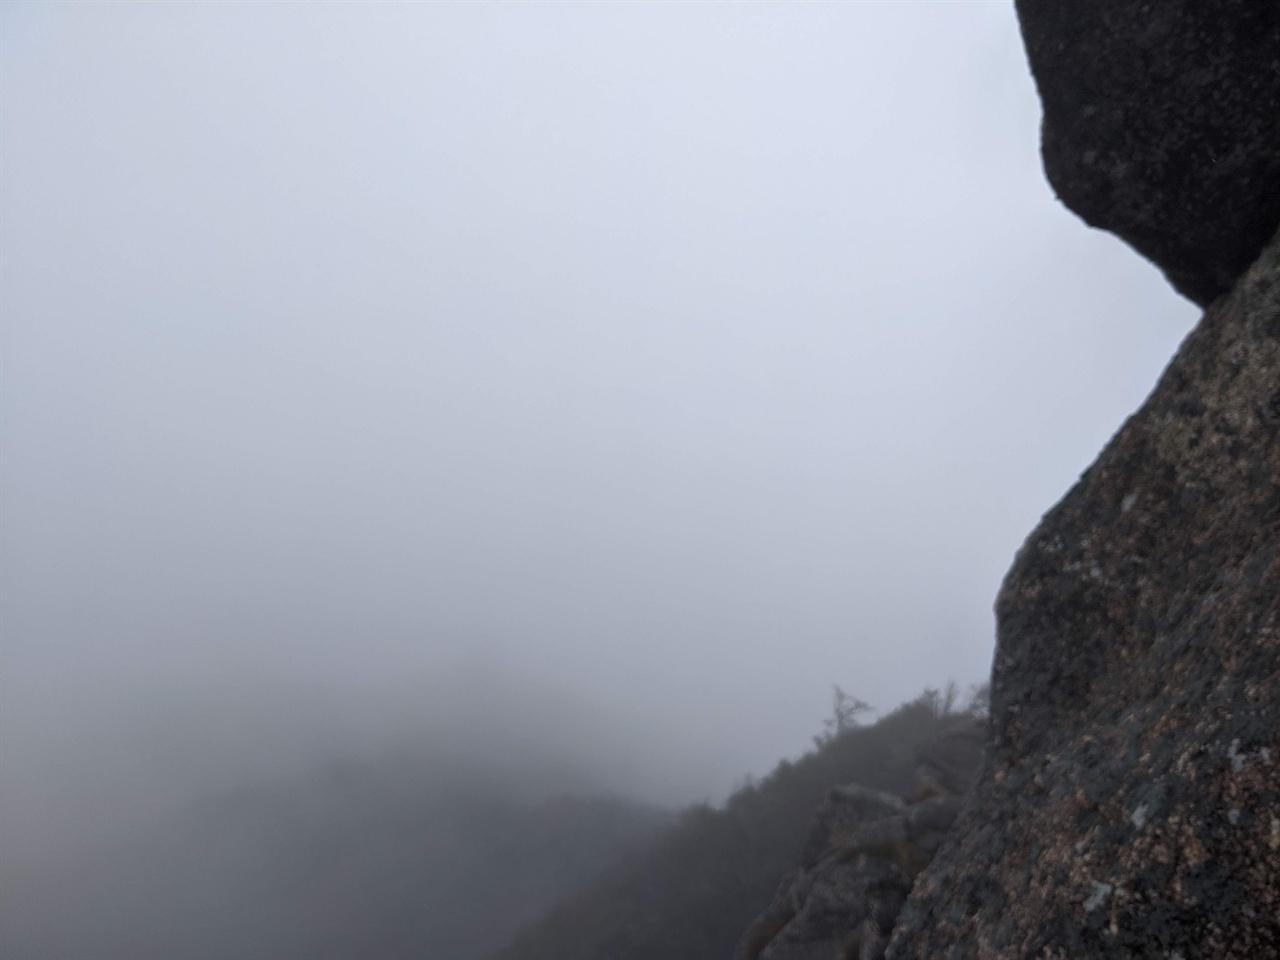 대암산 정상에서 바라본 경관 물안개가 시야를 가려 희미한 산등성이만 보인다.